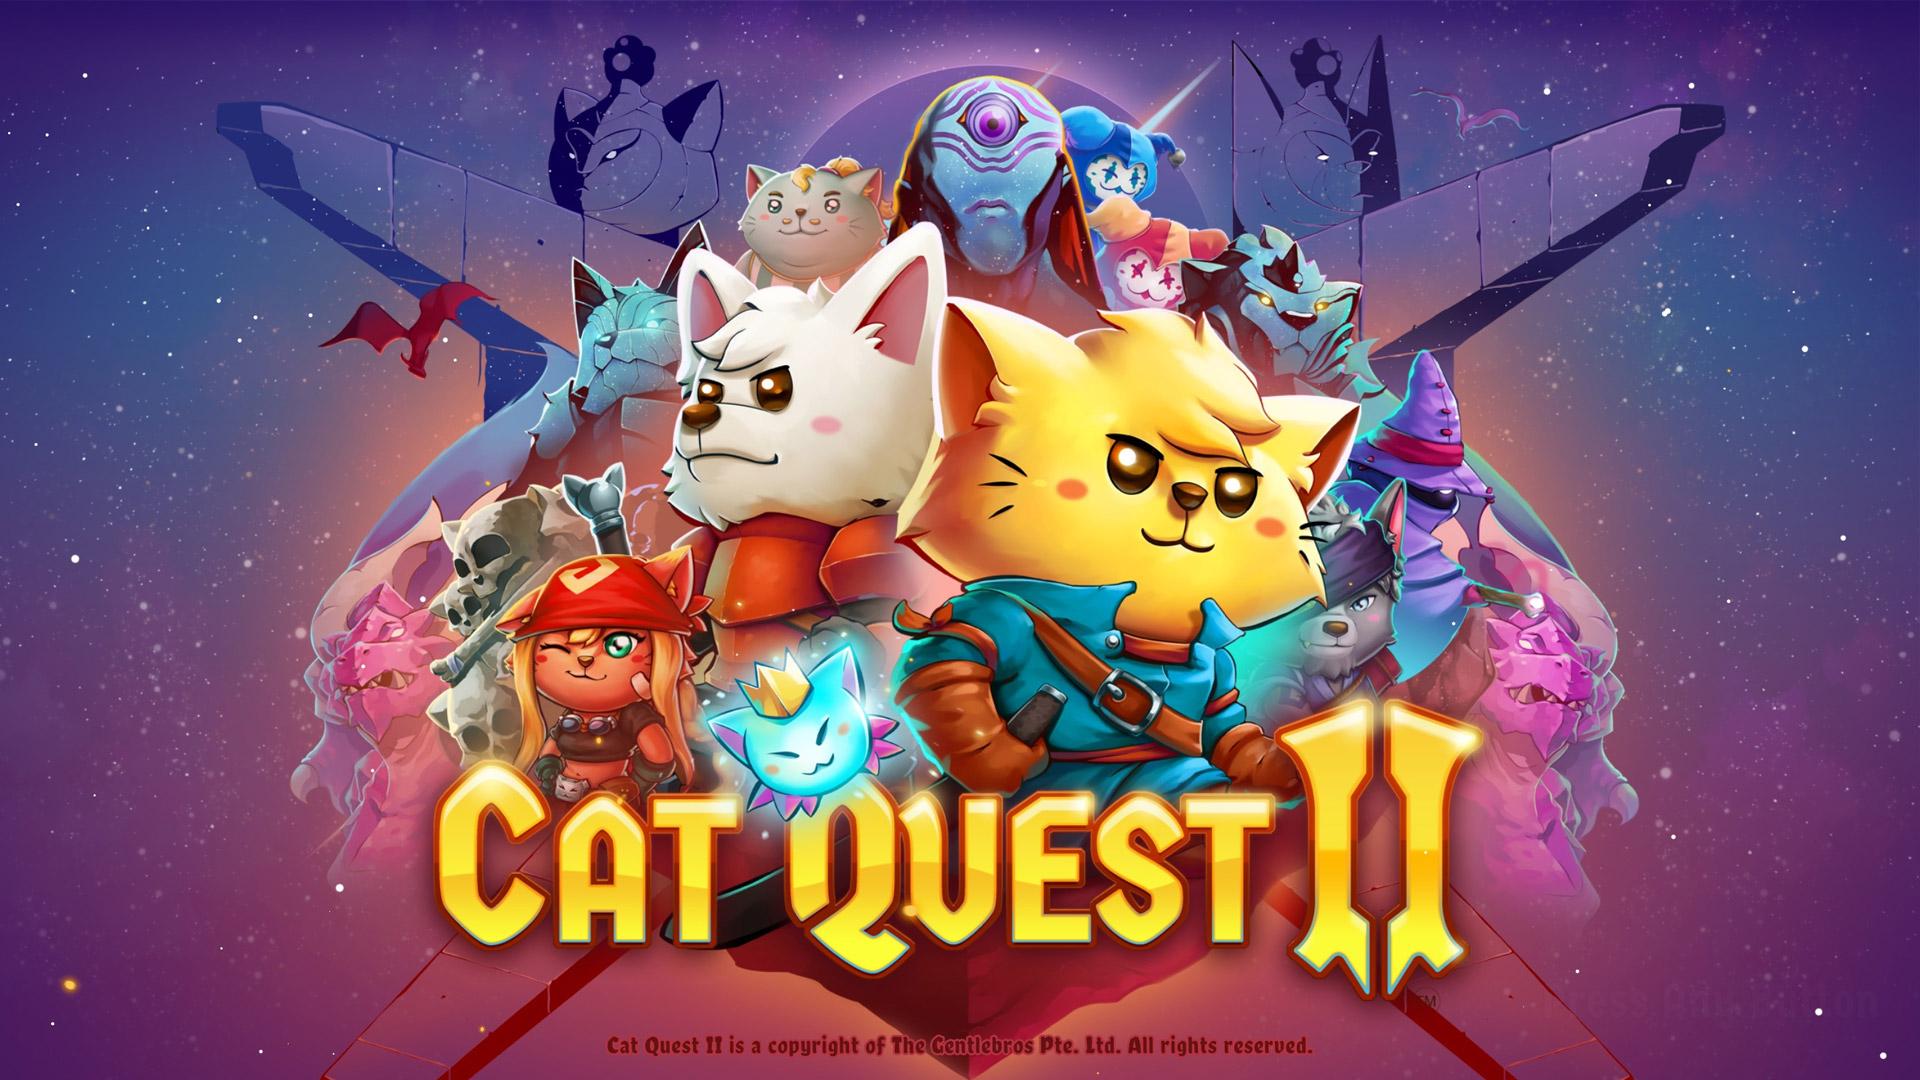 Cat Quest II Wallpaper in 1920x1080